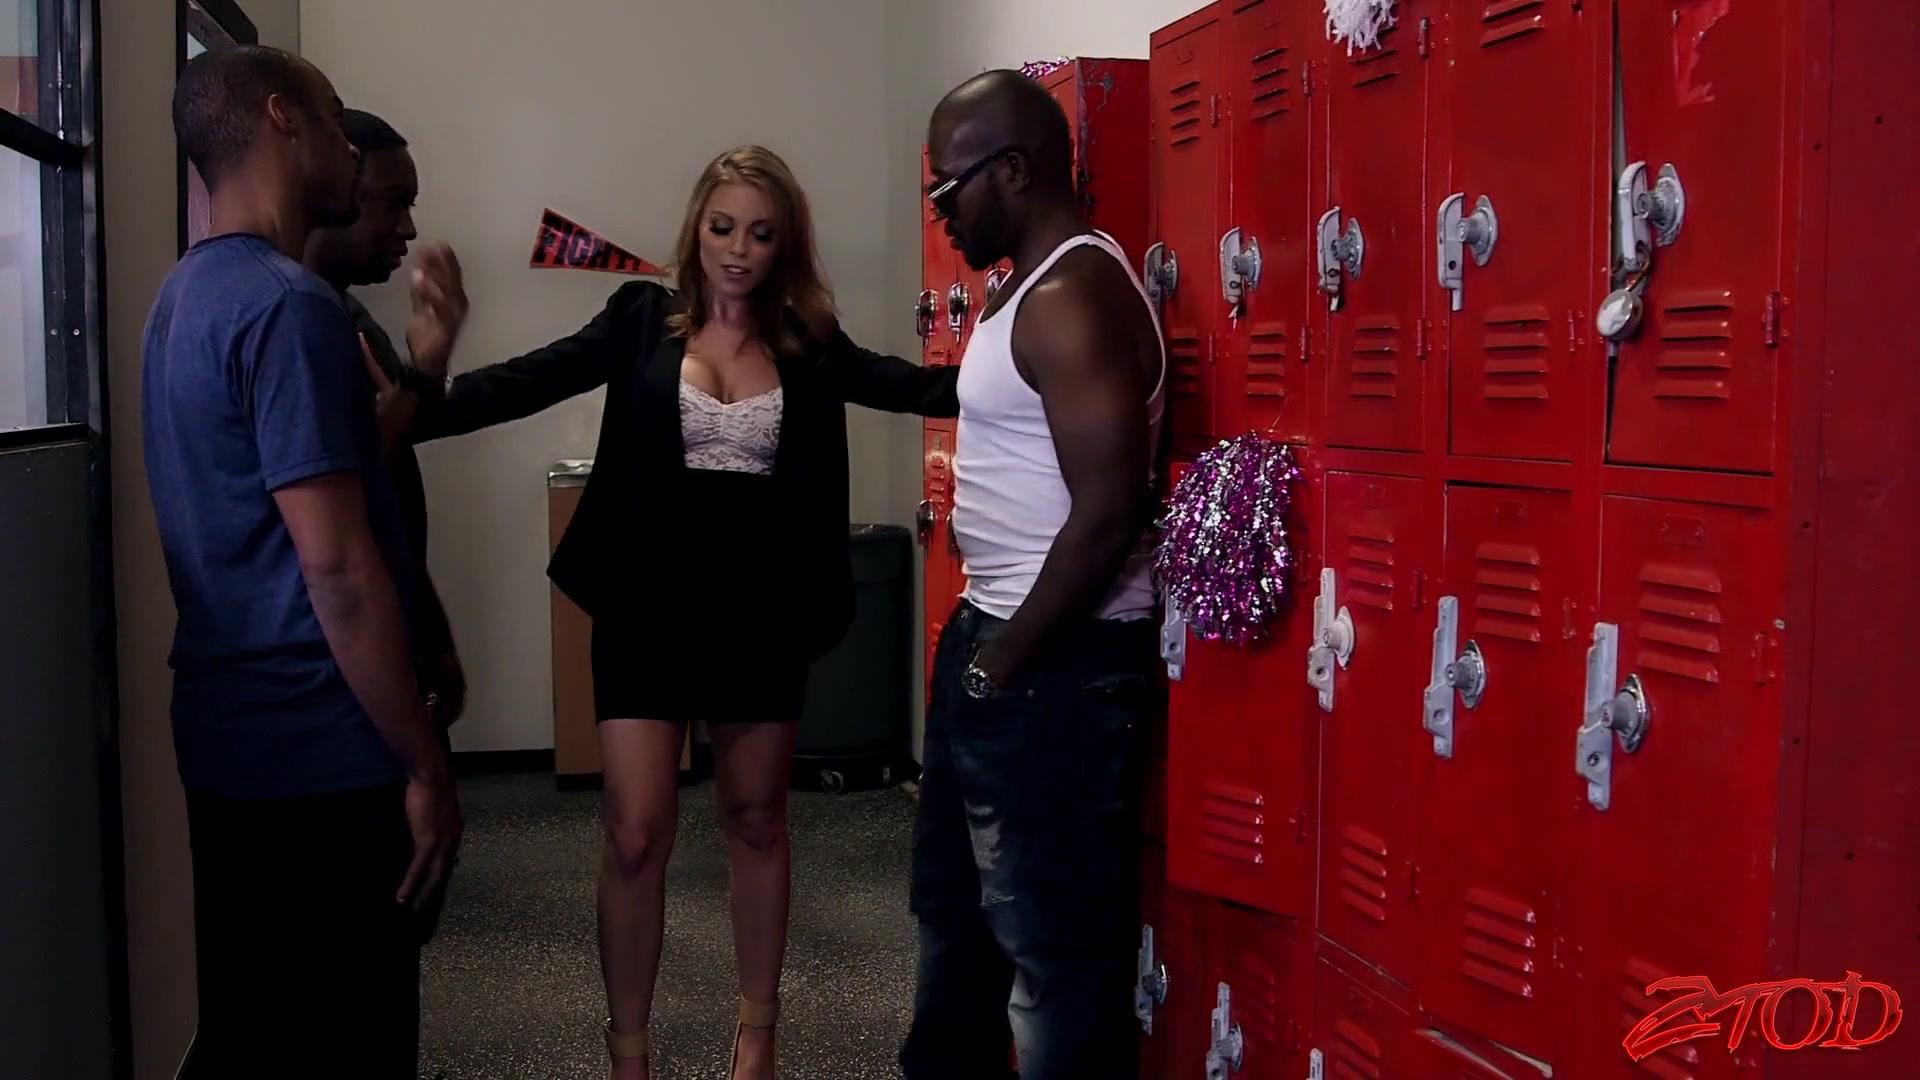 Негры вафлят в раздевалке учительницу физкультуры